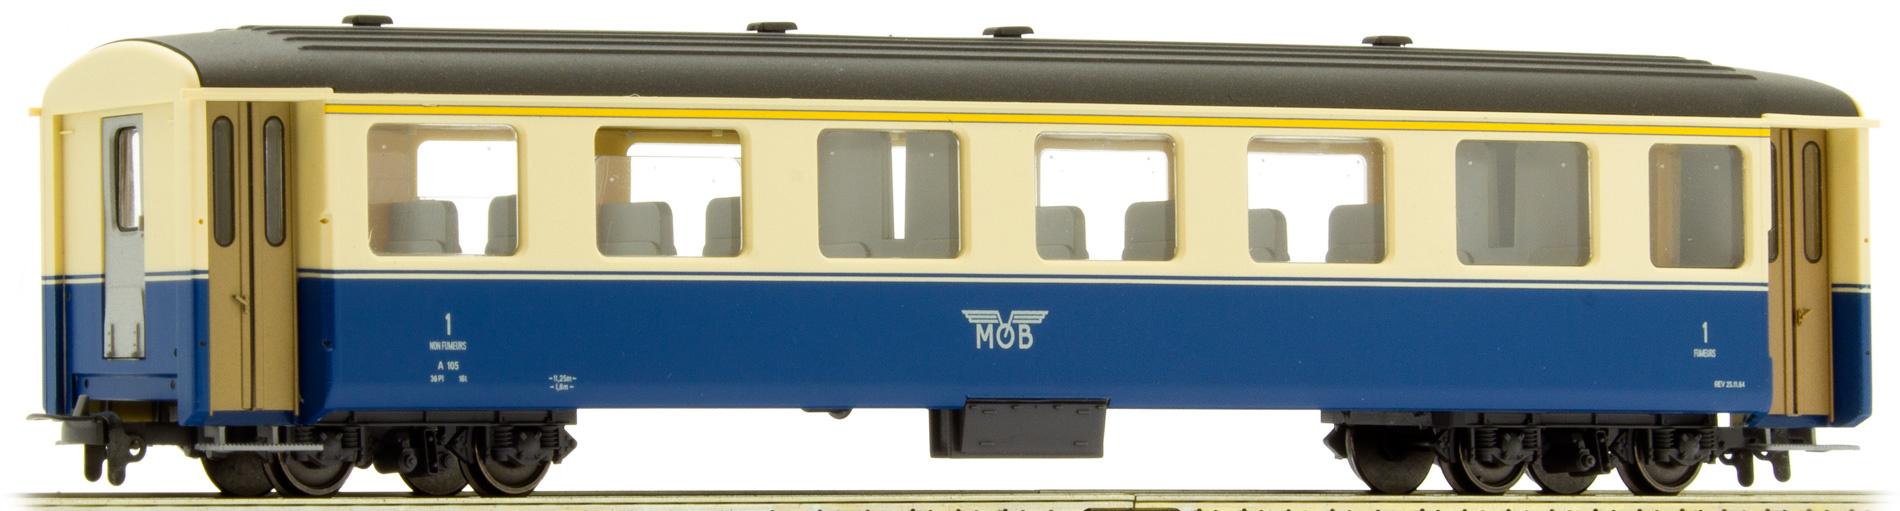 3292305 MOB A 105 Personenwagen, 70er Jahre-1